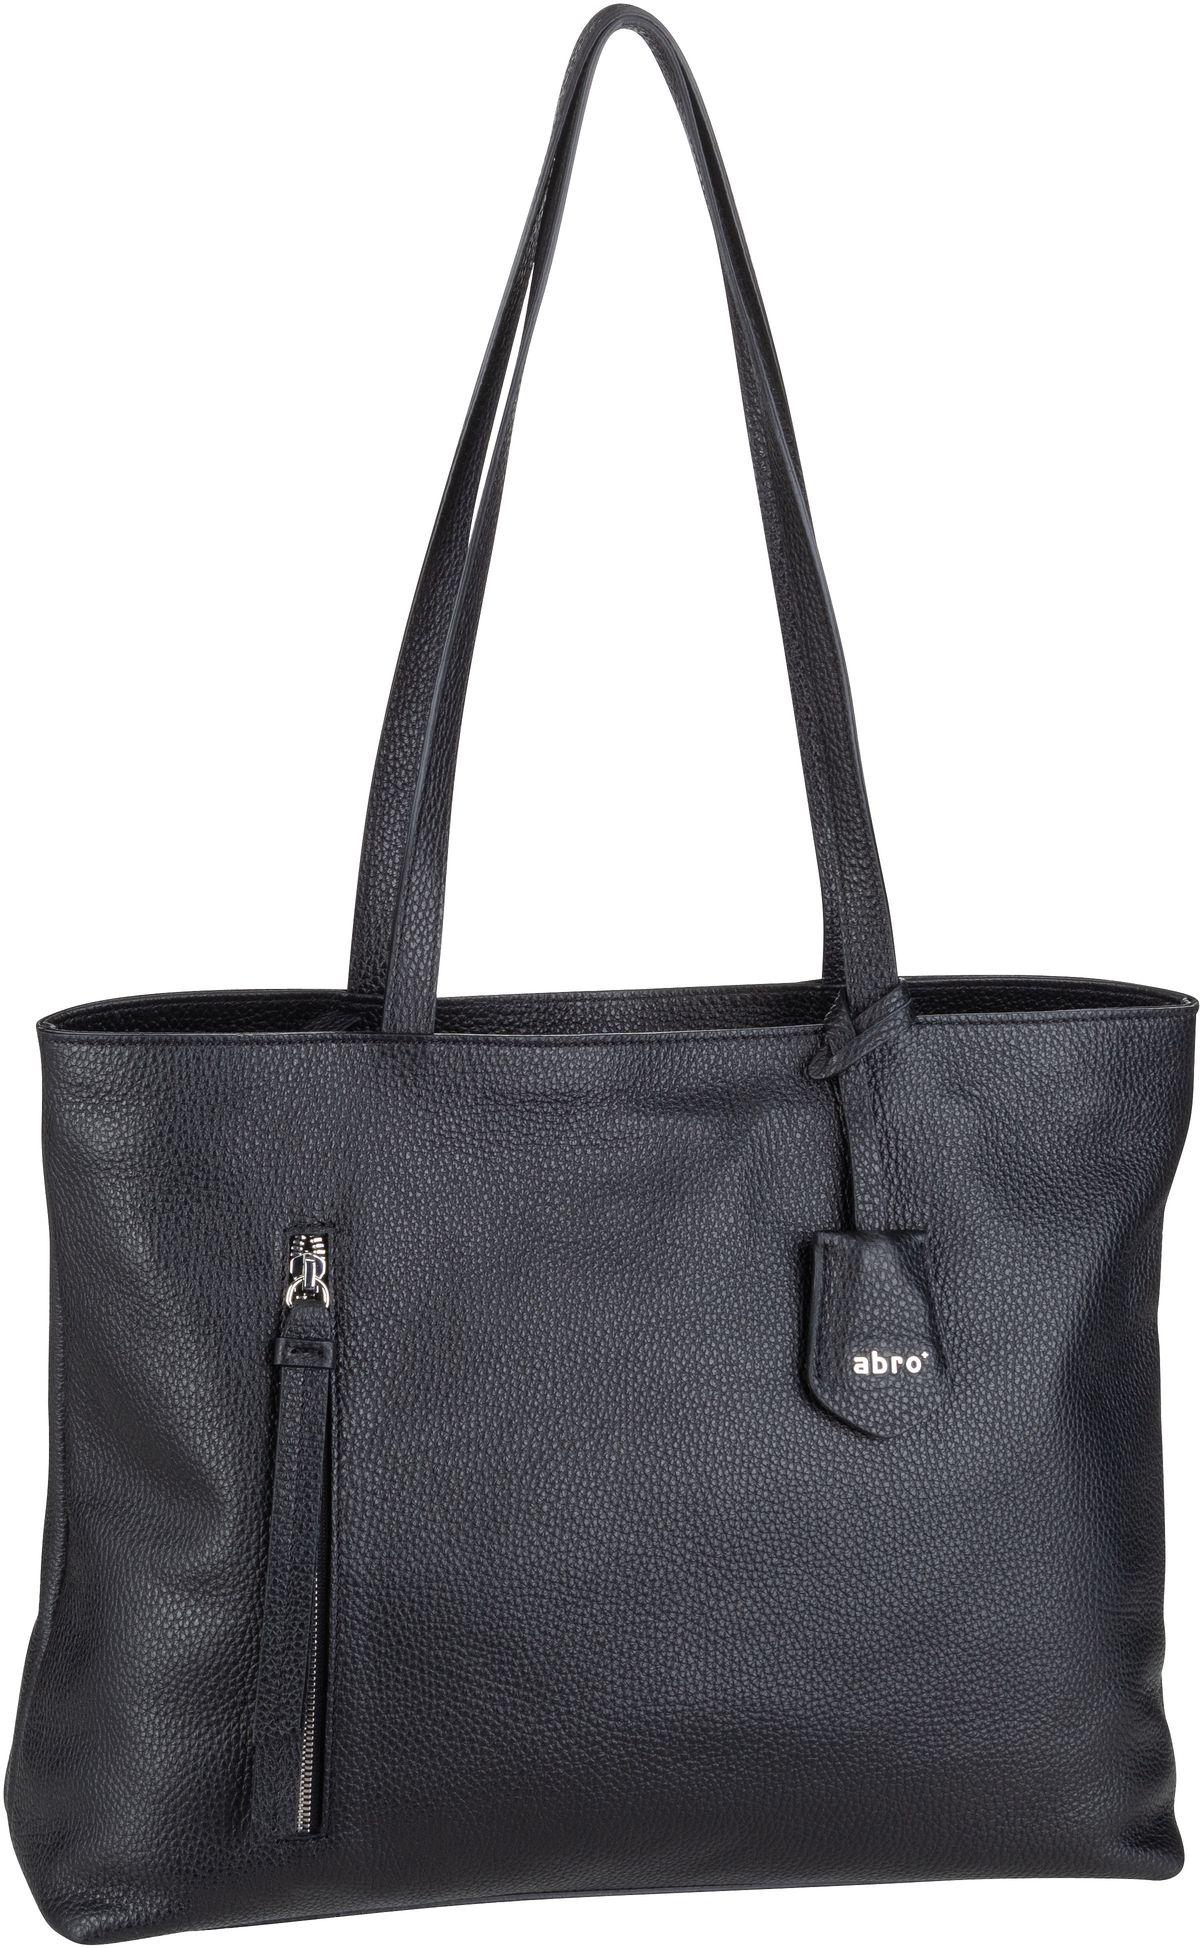 Handtasche Juna 29164 Black